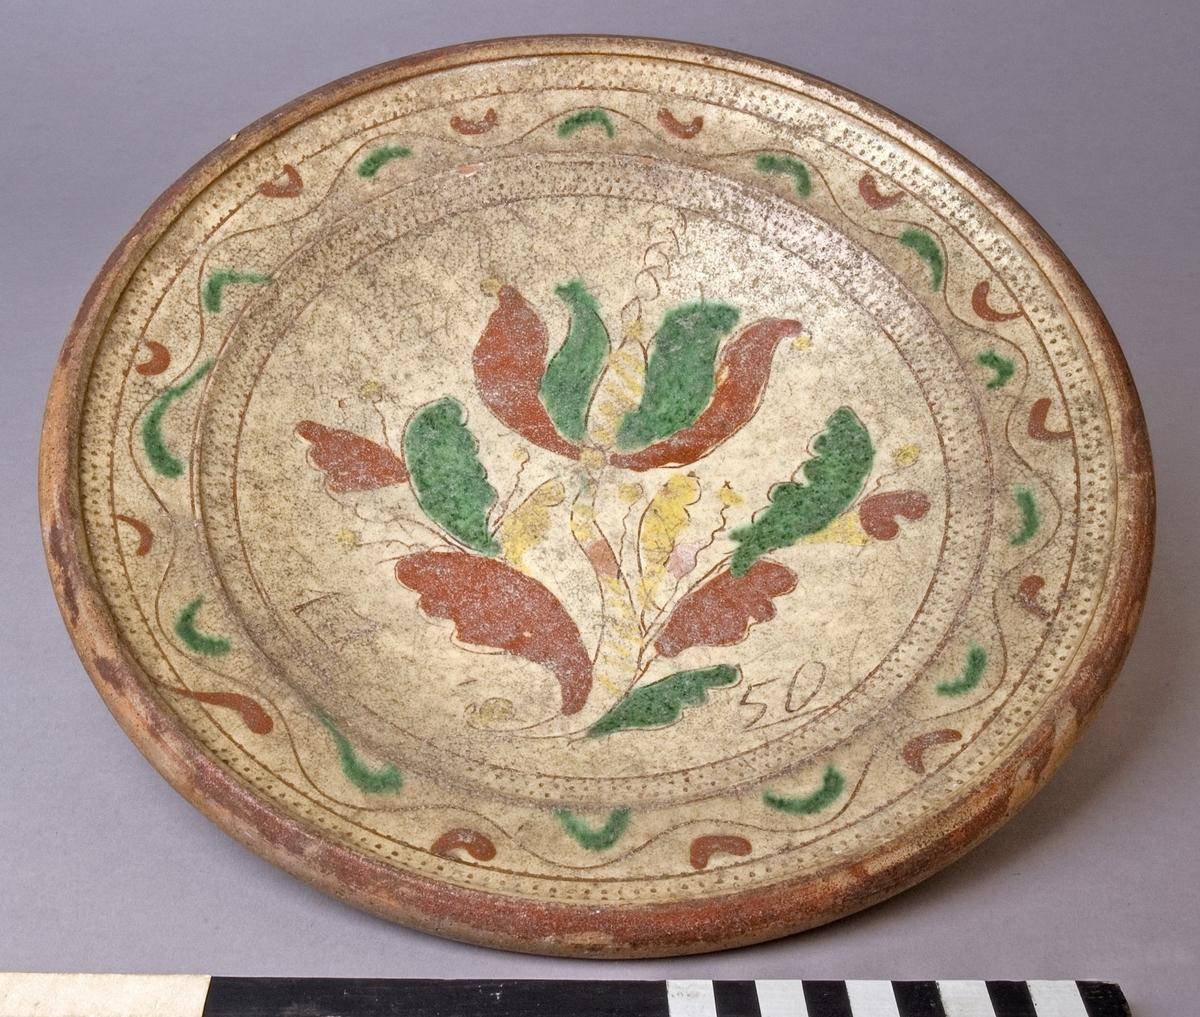 Fat av lergods. Dekorerat med engobe av vitgul piplera, skraffering, gulbrun, gul och grön glasyr. Brättet med våglinje, hemringen med skraffering, spegeln med blomstermotiv och årtalet: 1750. Undersidan oglaserad.